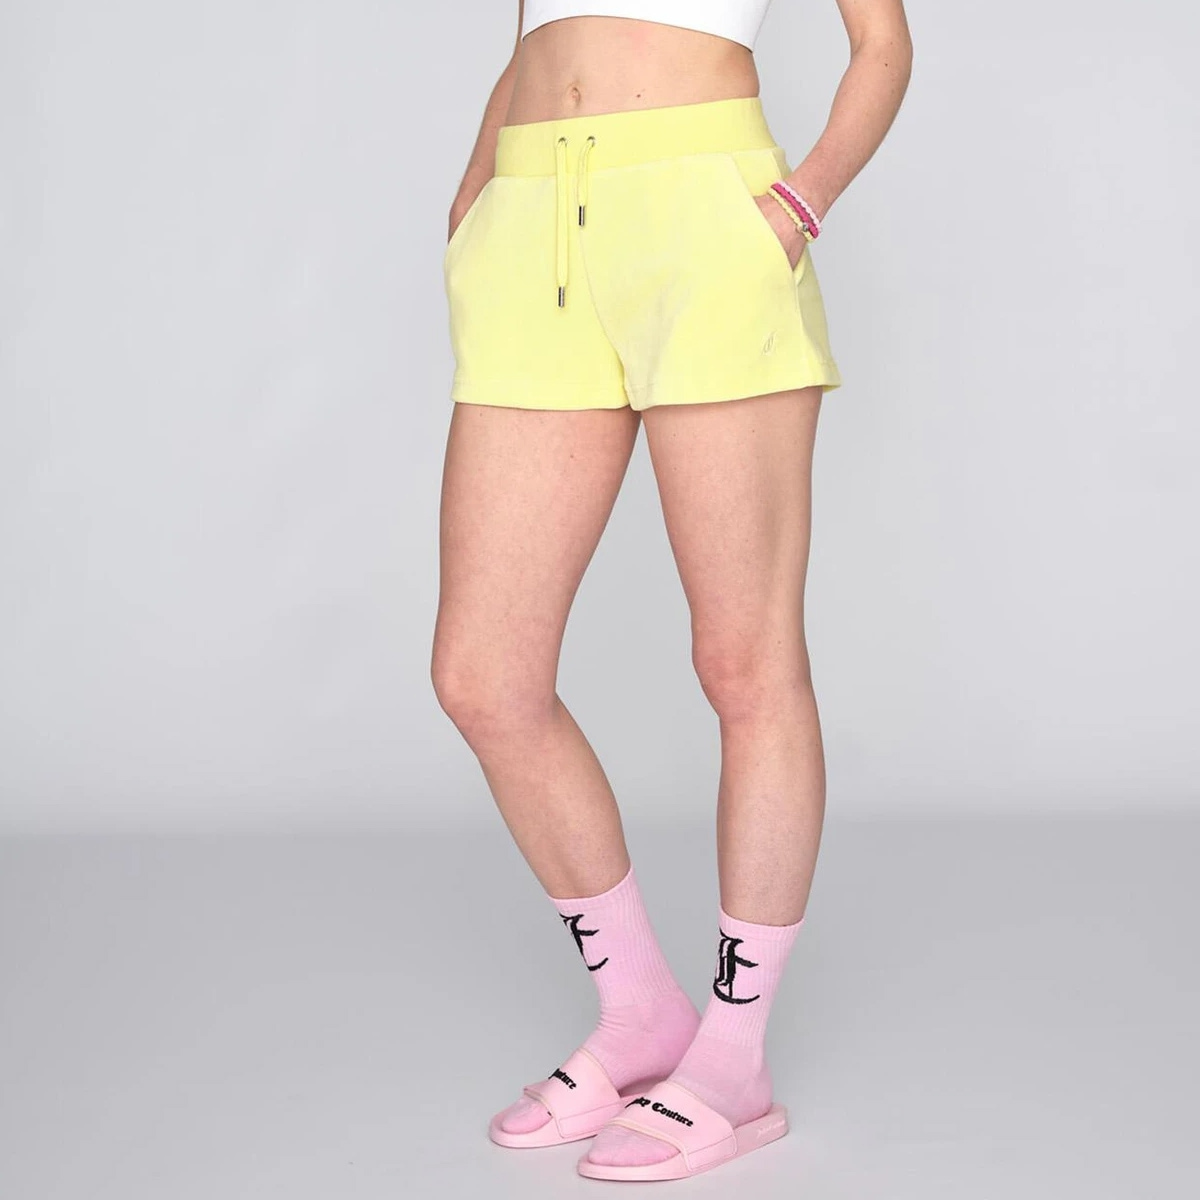 Juicy Couture - Shorts Eve Cotton Rich Lemon Drop